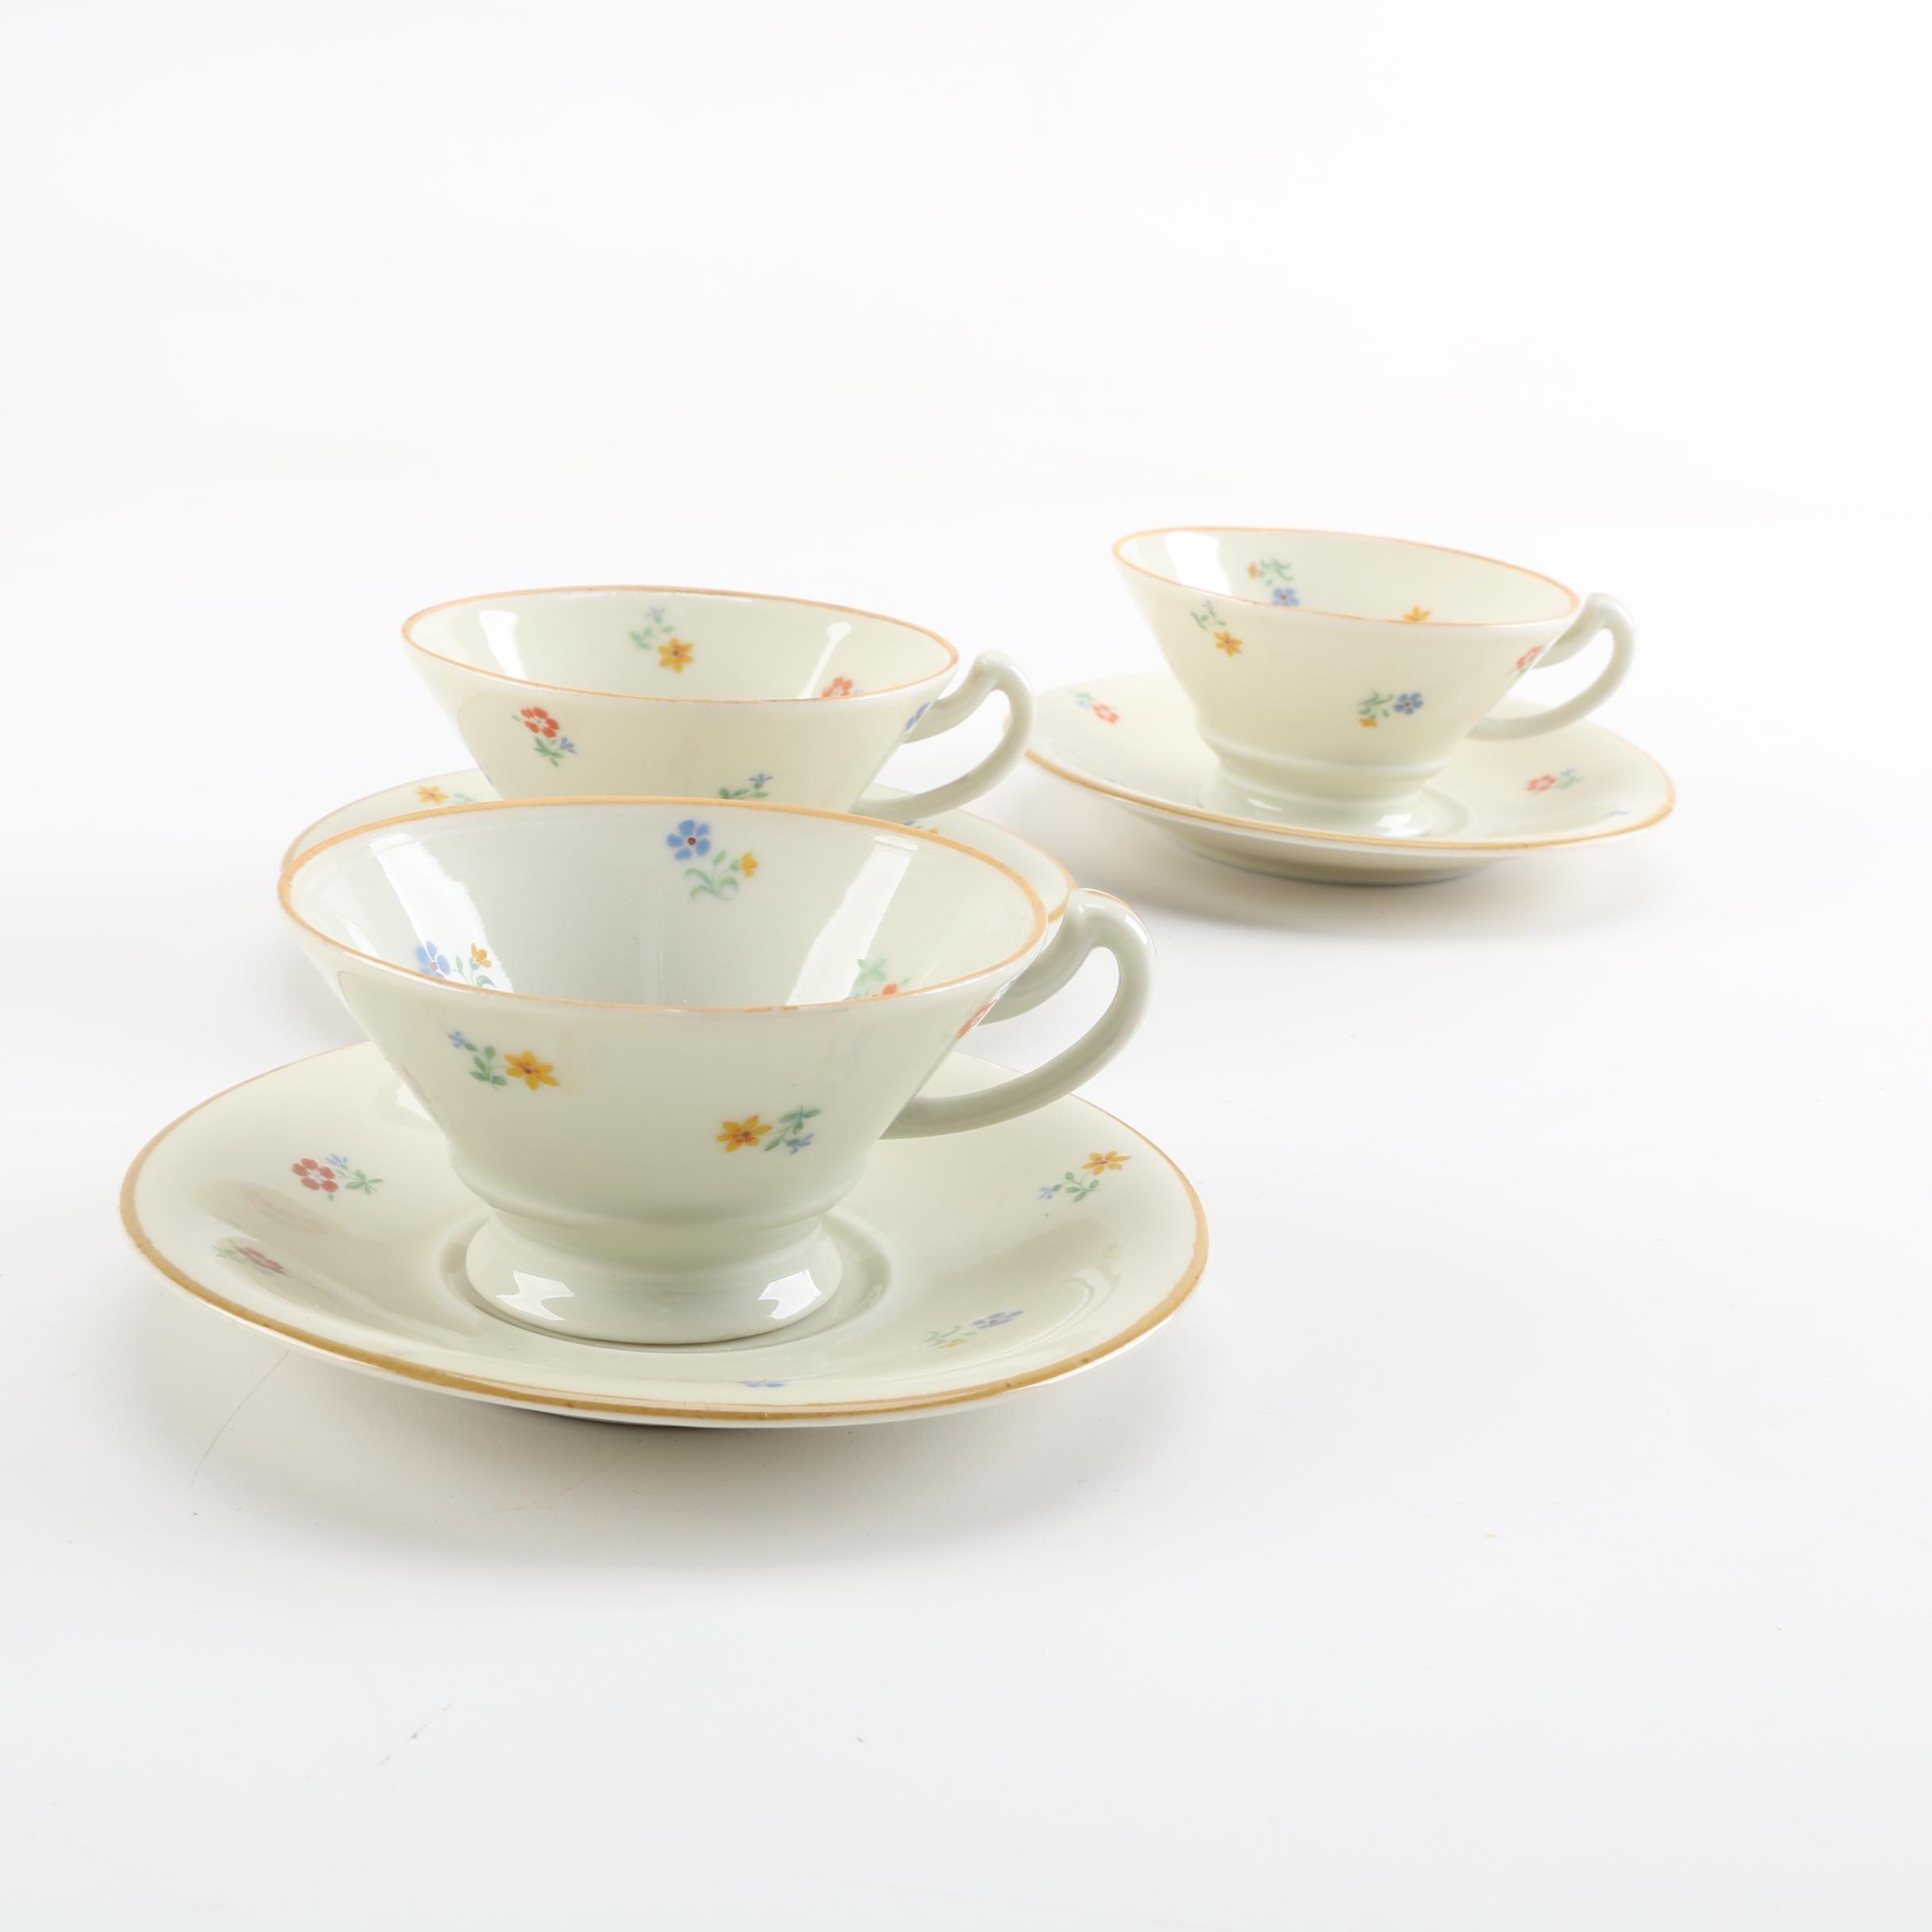 Vintage AL-KA Porcelain Demitasse Cups and Saucers